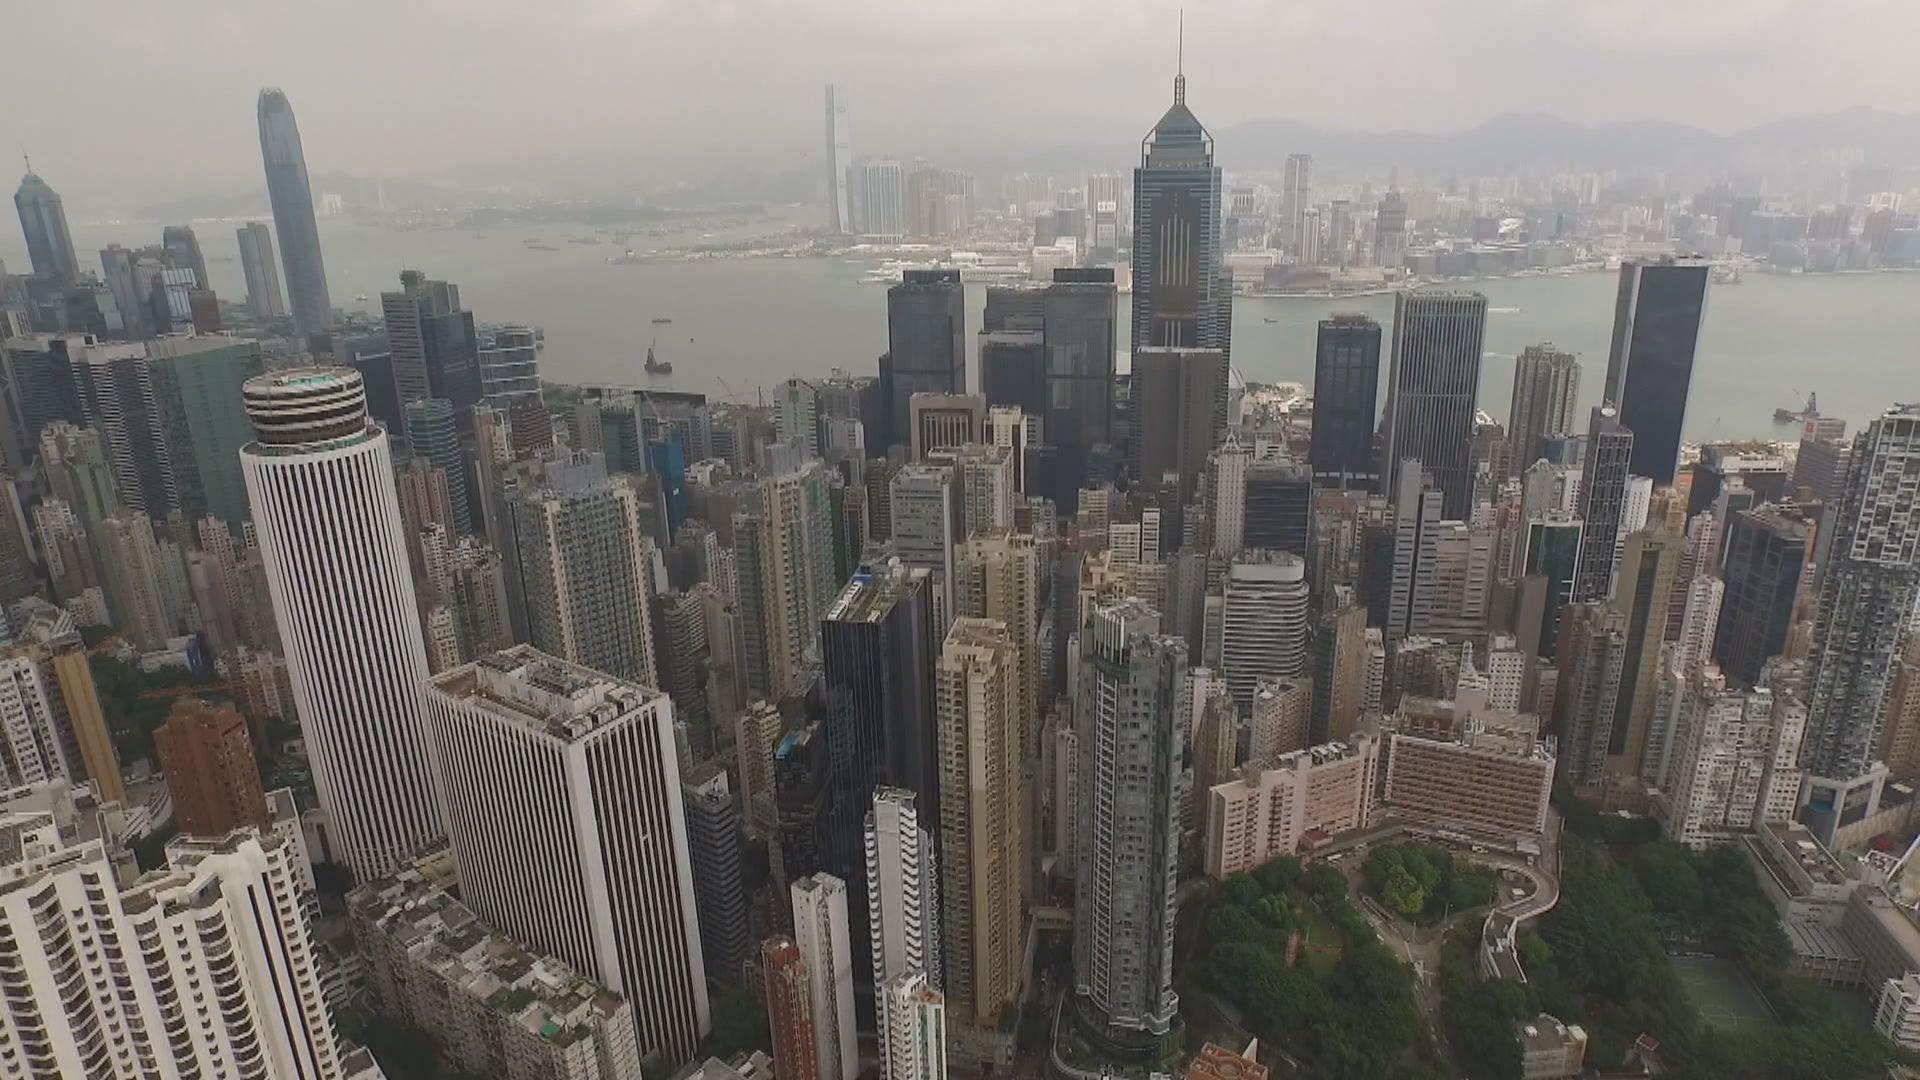 陳茂波:做好風險管理 減低外圍變化影響